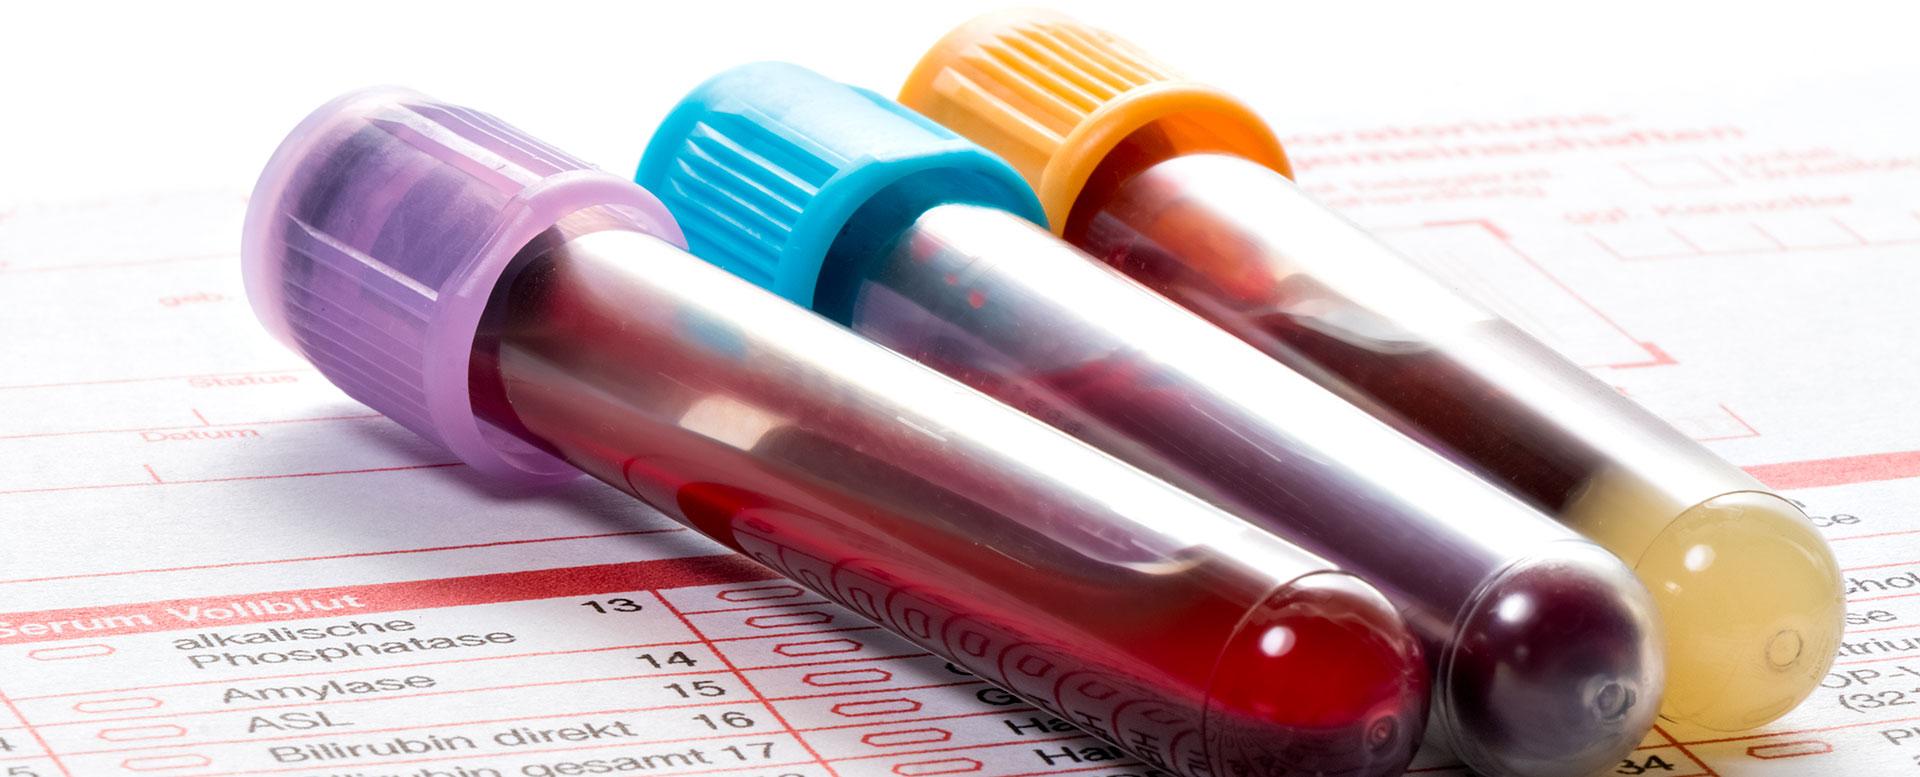 Blutproben für großes Blutbild (Differenzialblutbild)